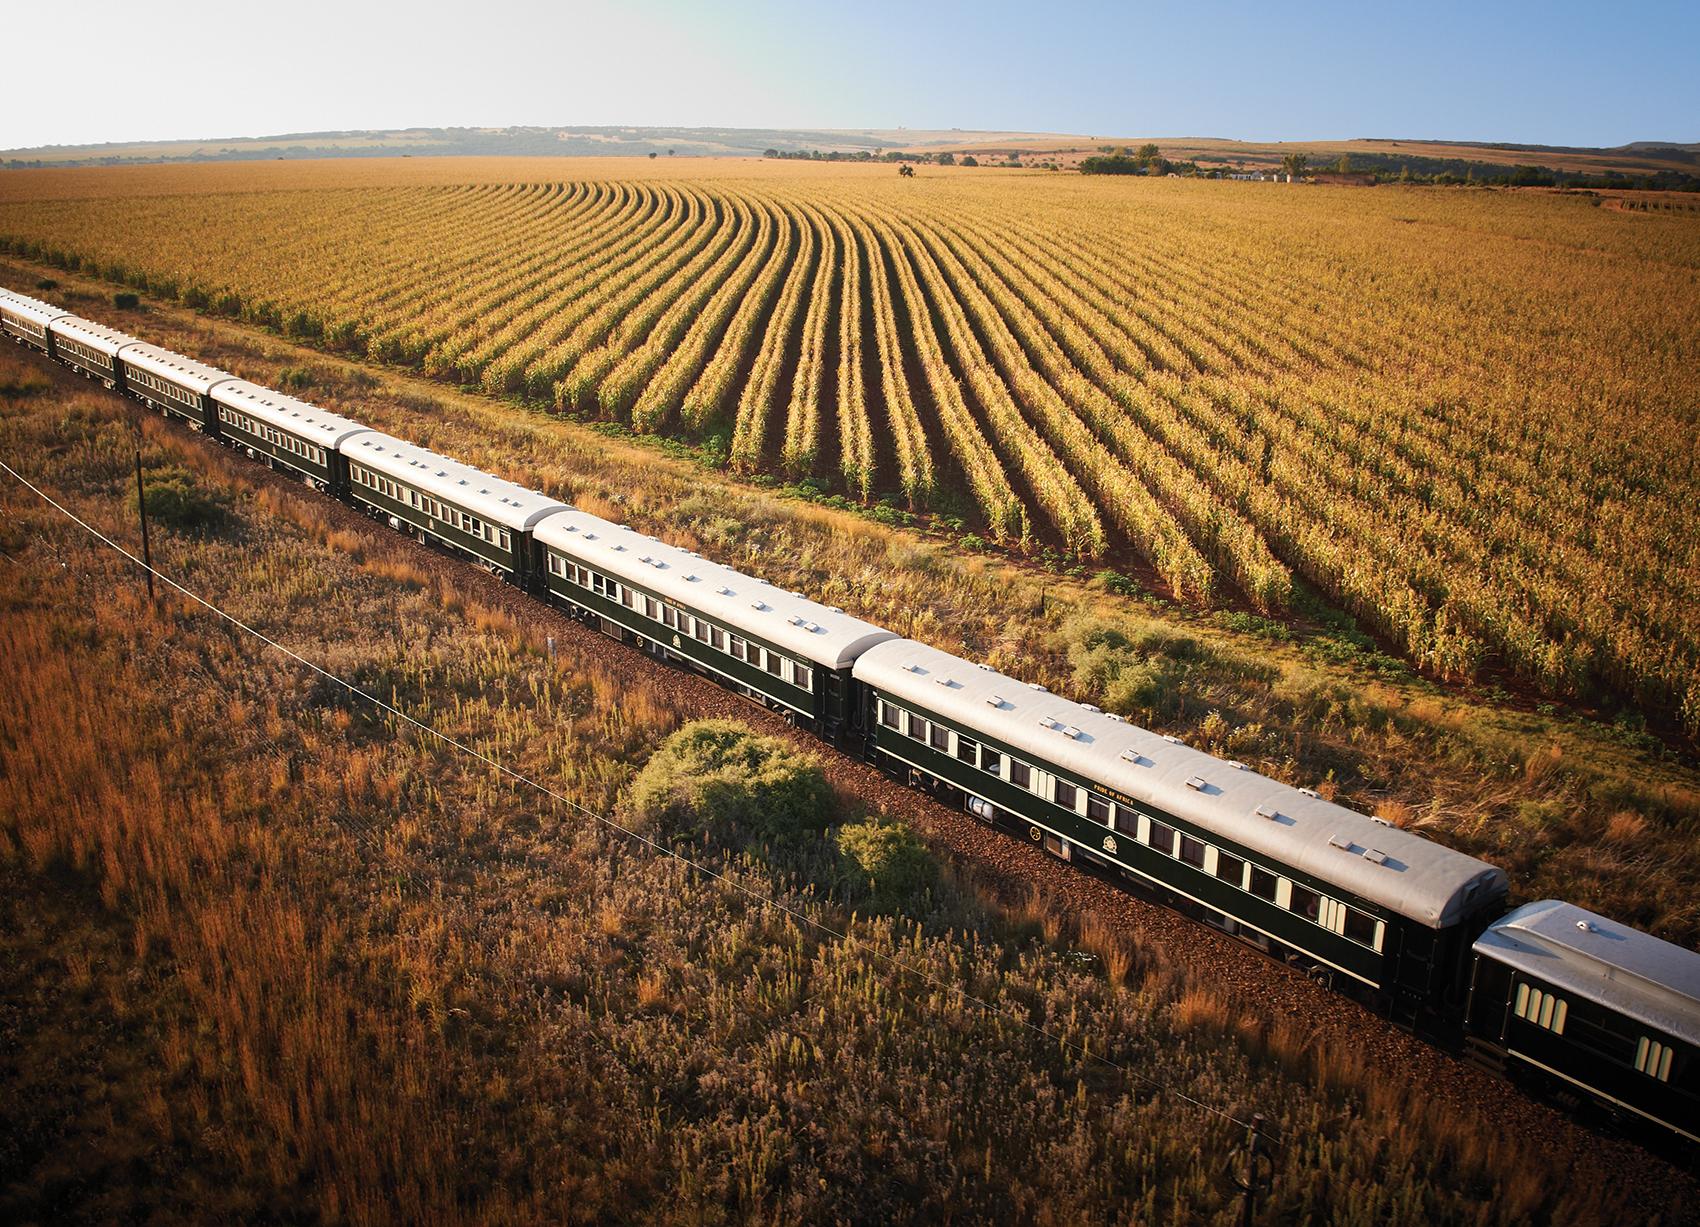 Shongololo train